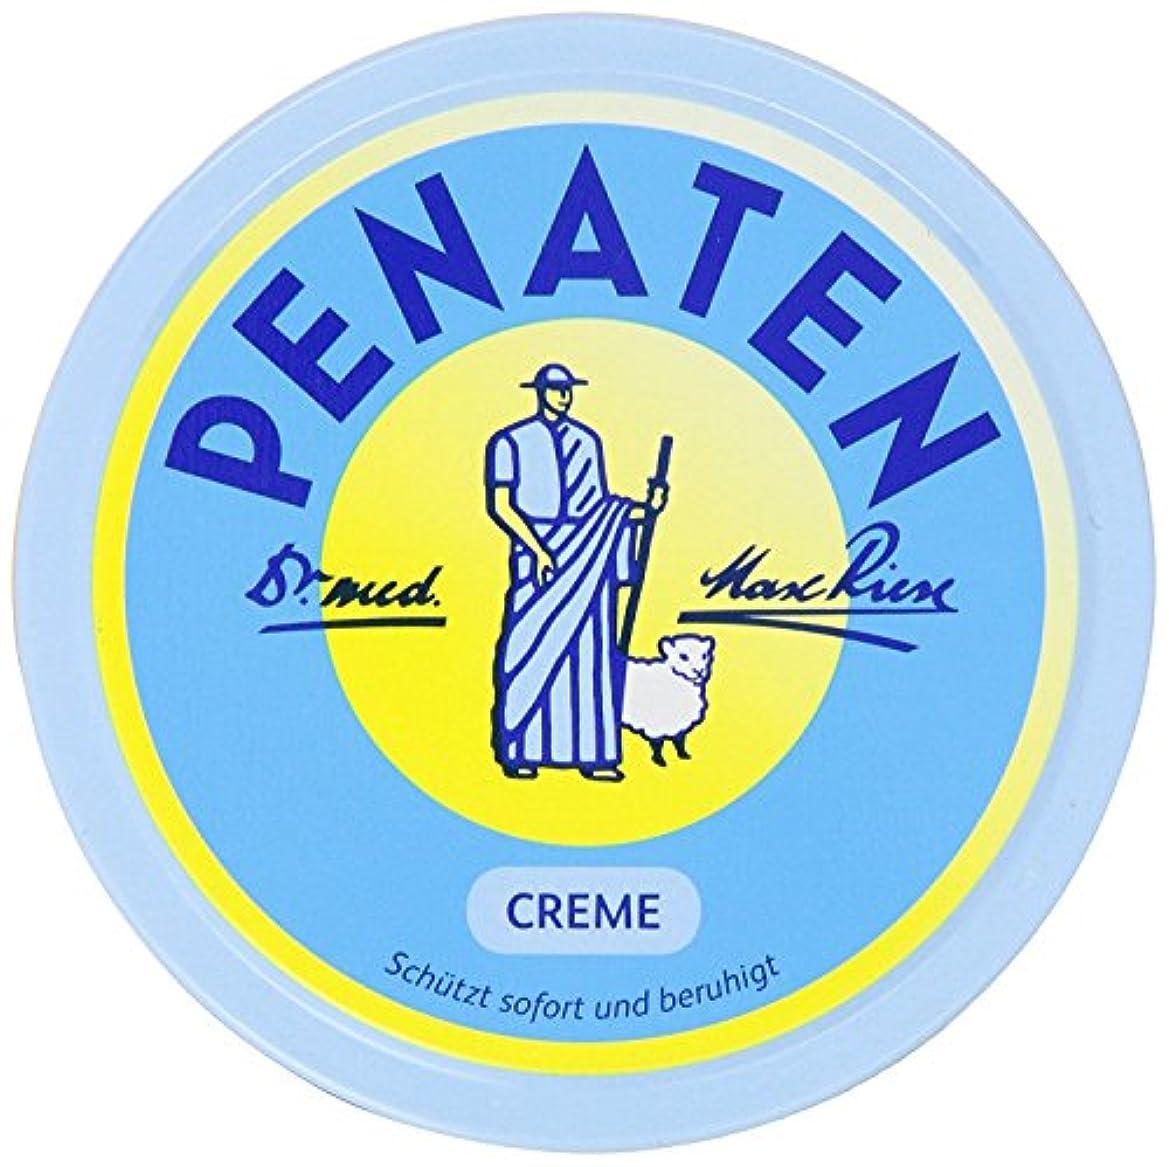 スタッフ敏感な兵器庫(ペナテン) Penaten Baby Creme 150 ml, 3er Pack (3 x 150 ml) (並行輸入品) shumaman